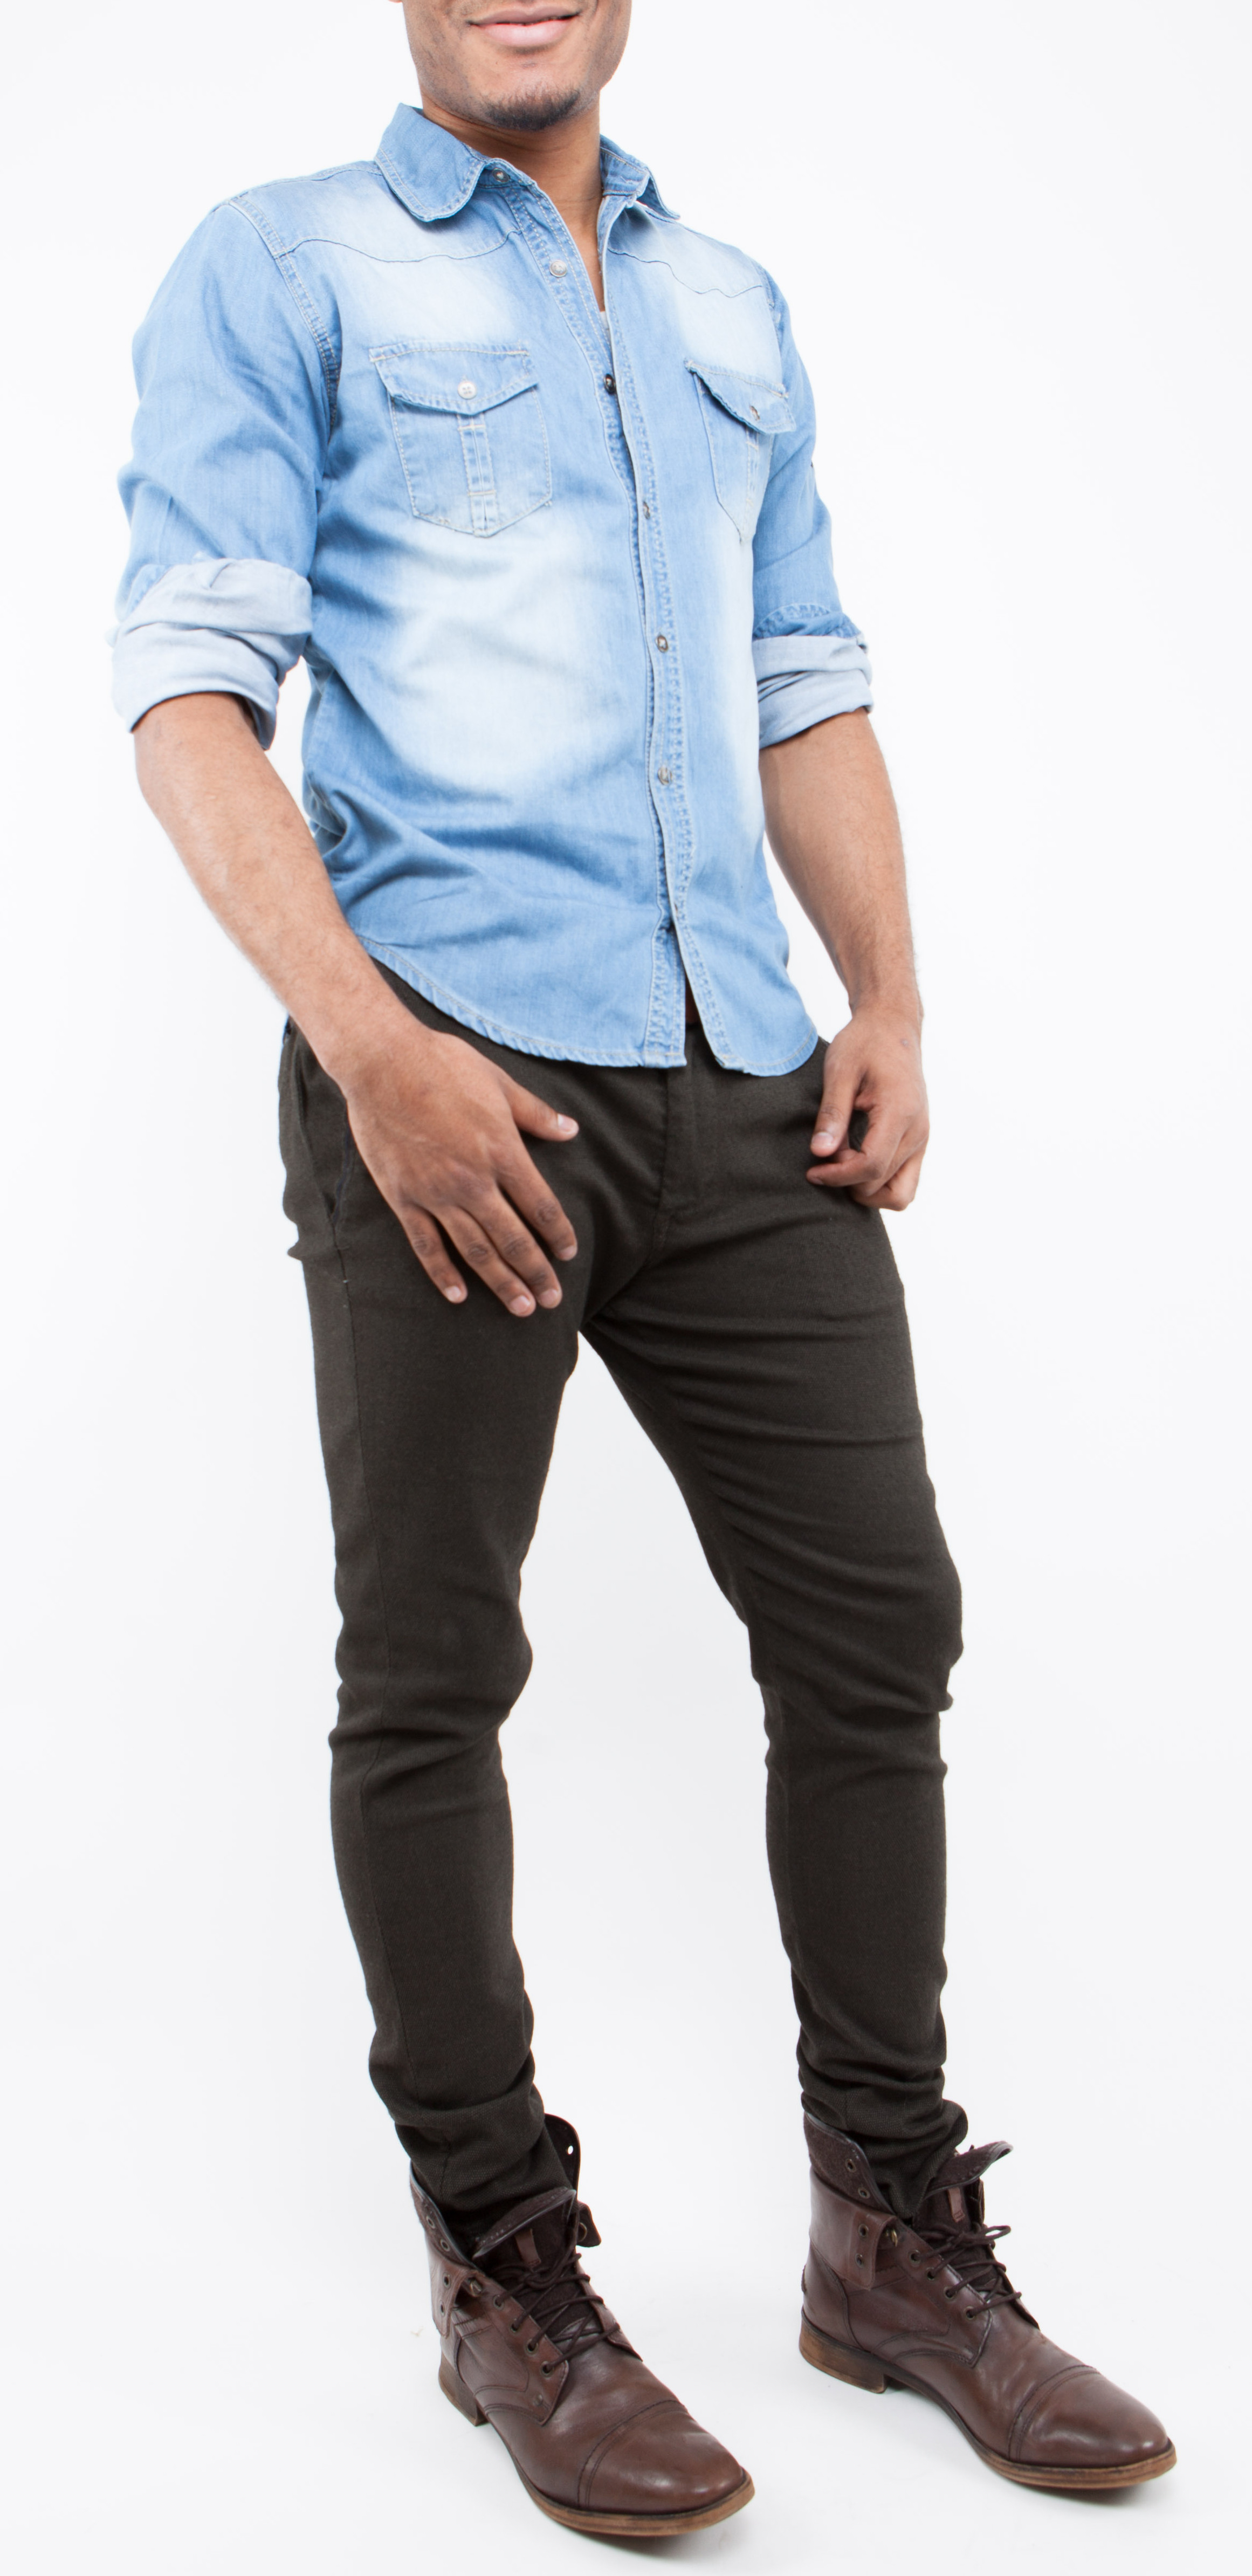 Chemise Jean Longue dedans chemise jeans - homme - mk bnce - fashion - tendance - qualité